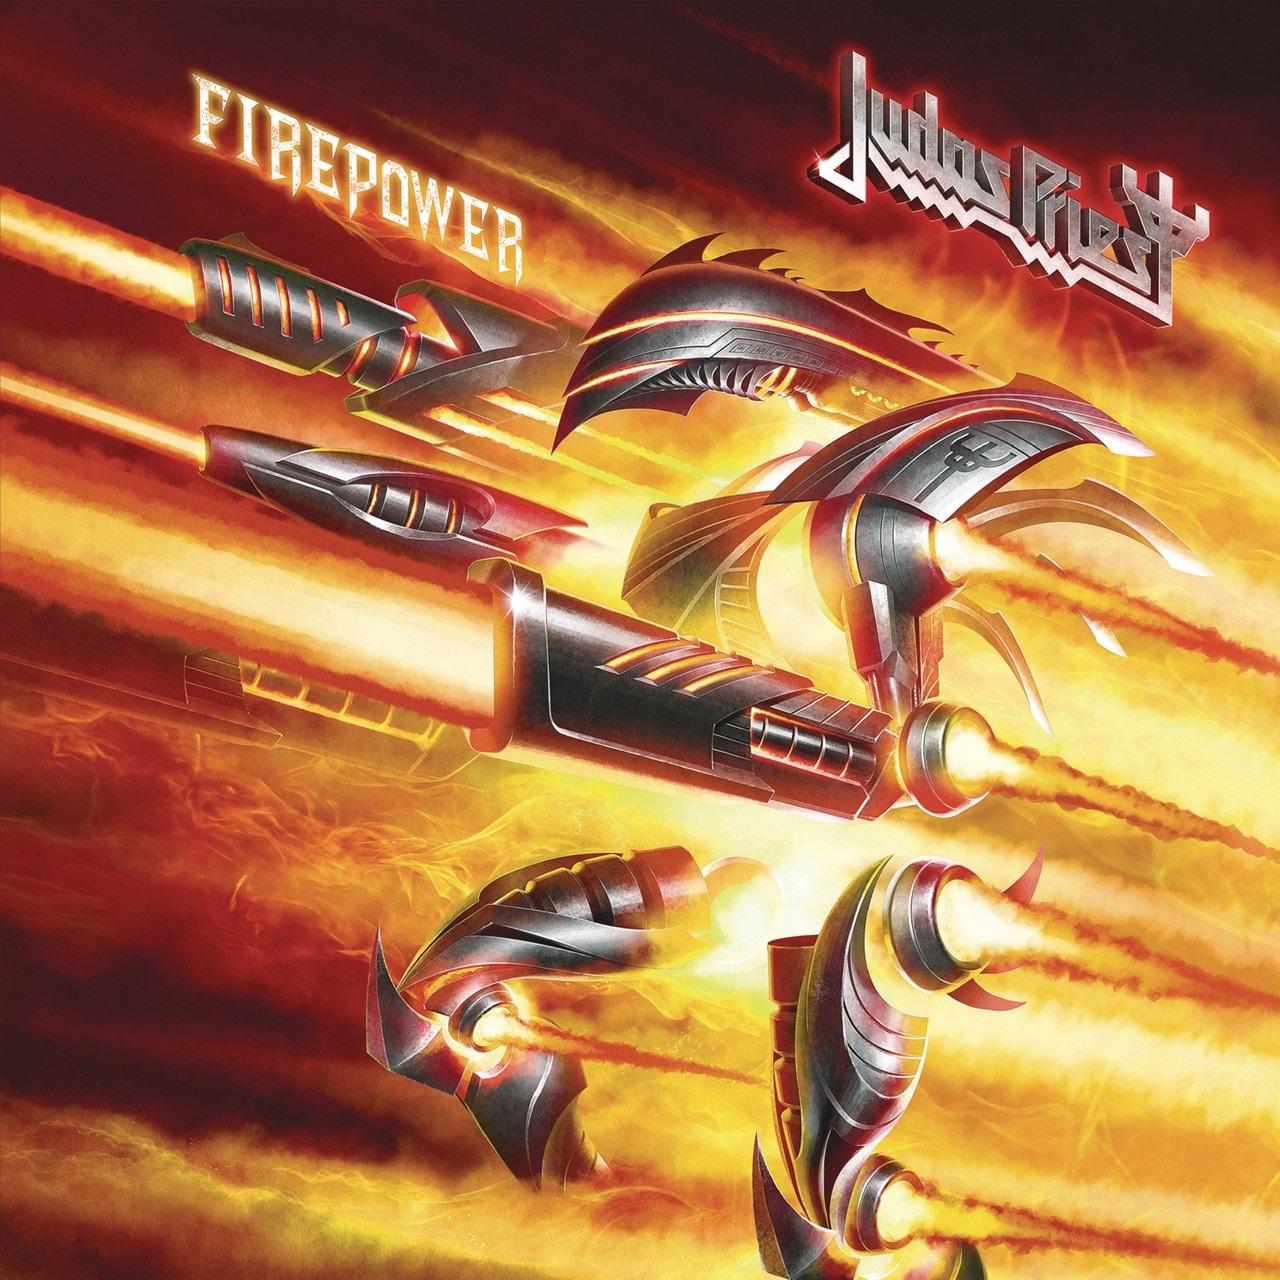 Firepower - 1